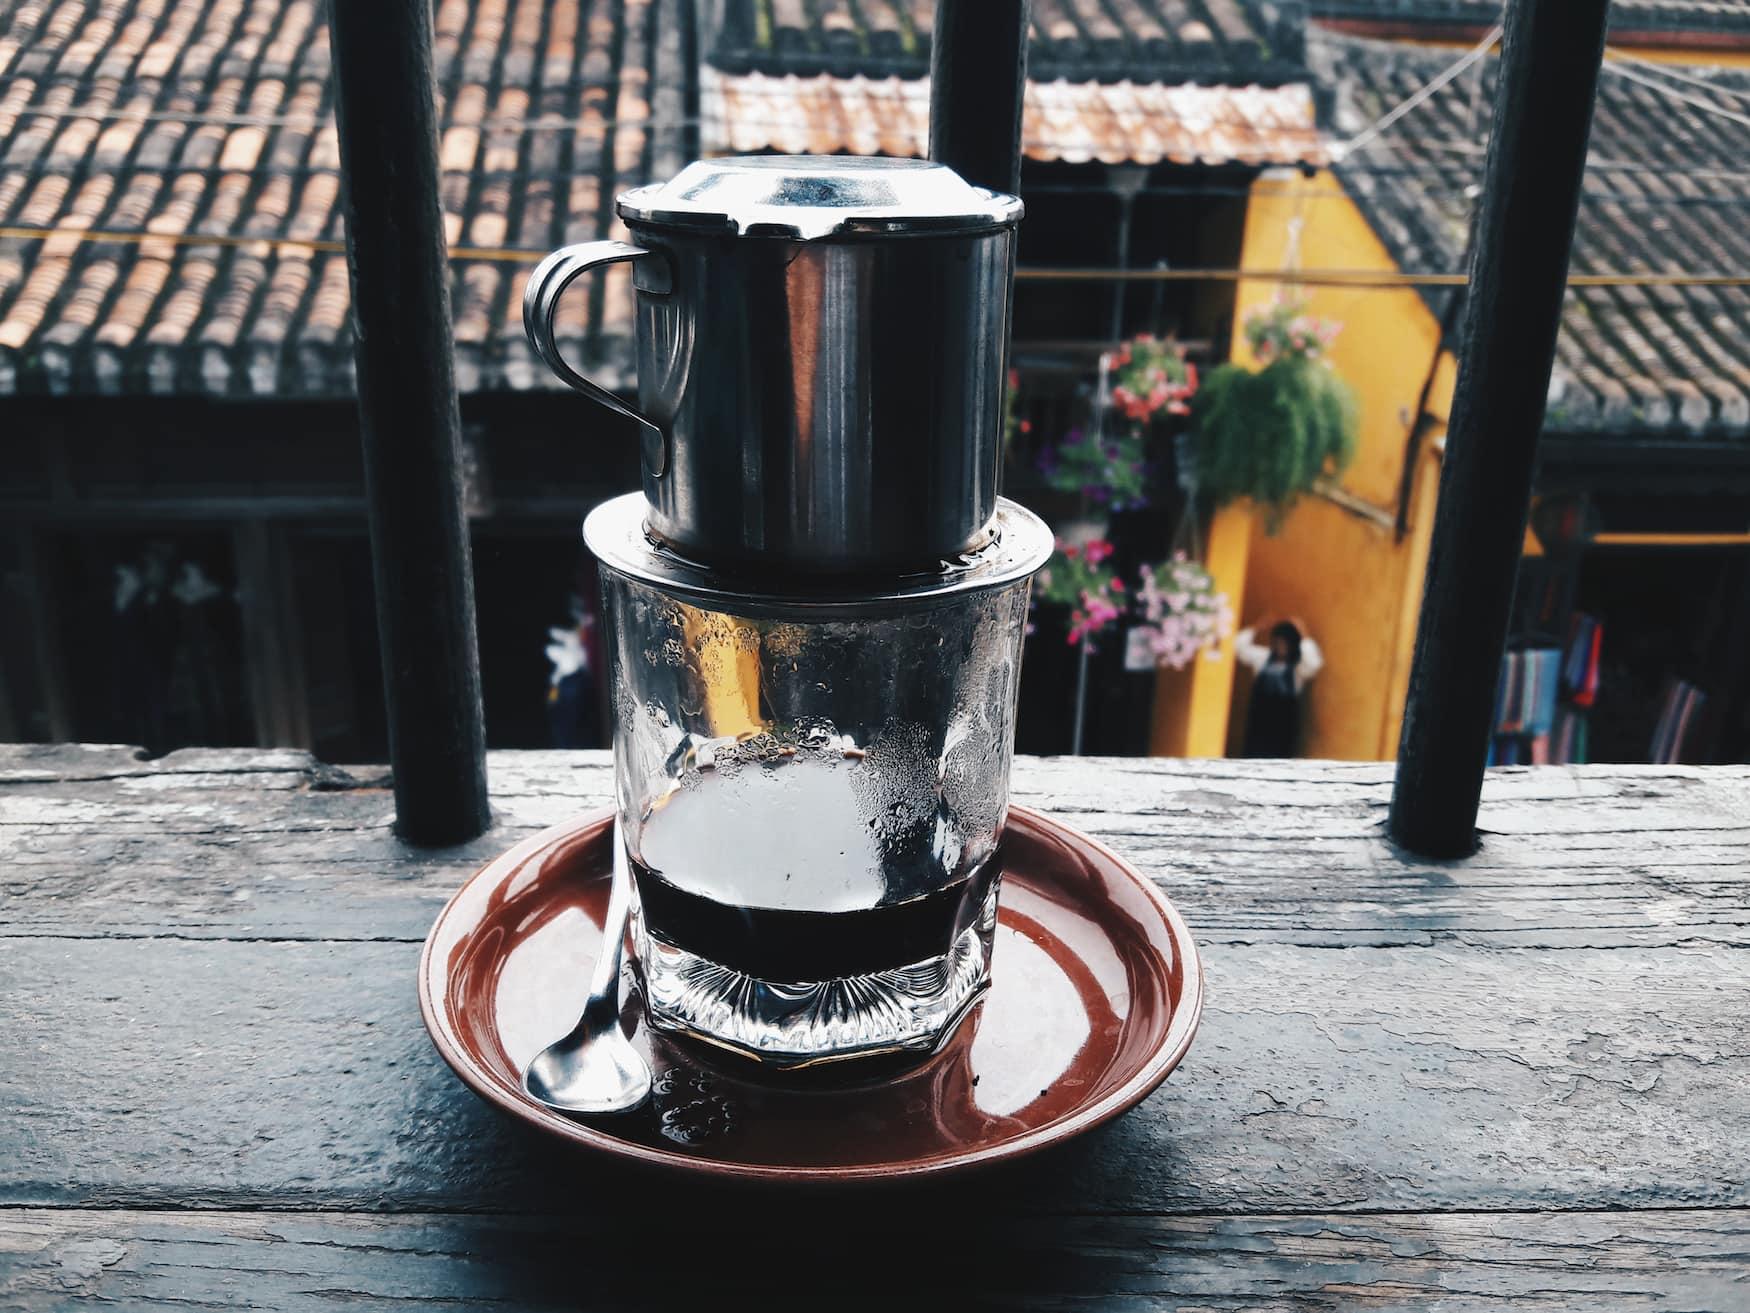 Traditioneller Kaffee aus Vietnam